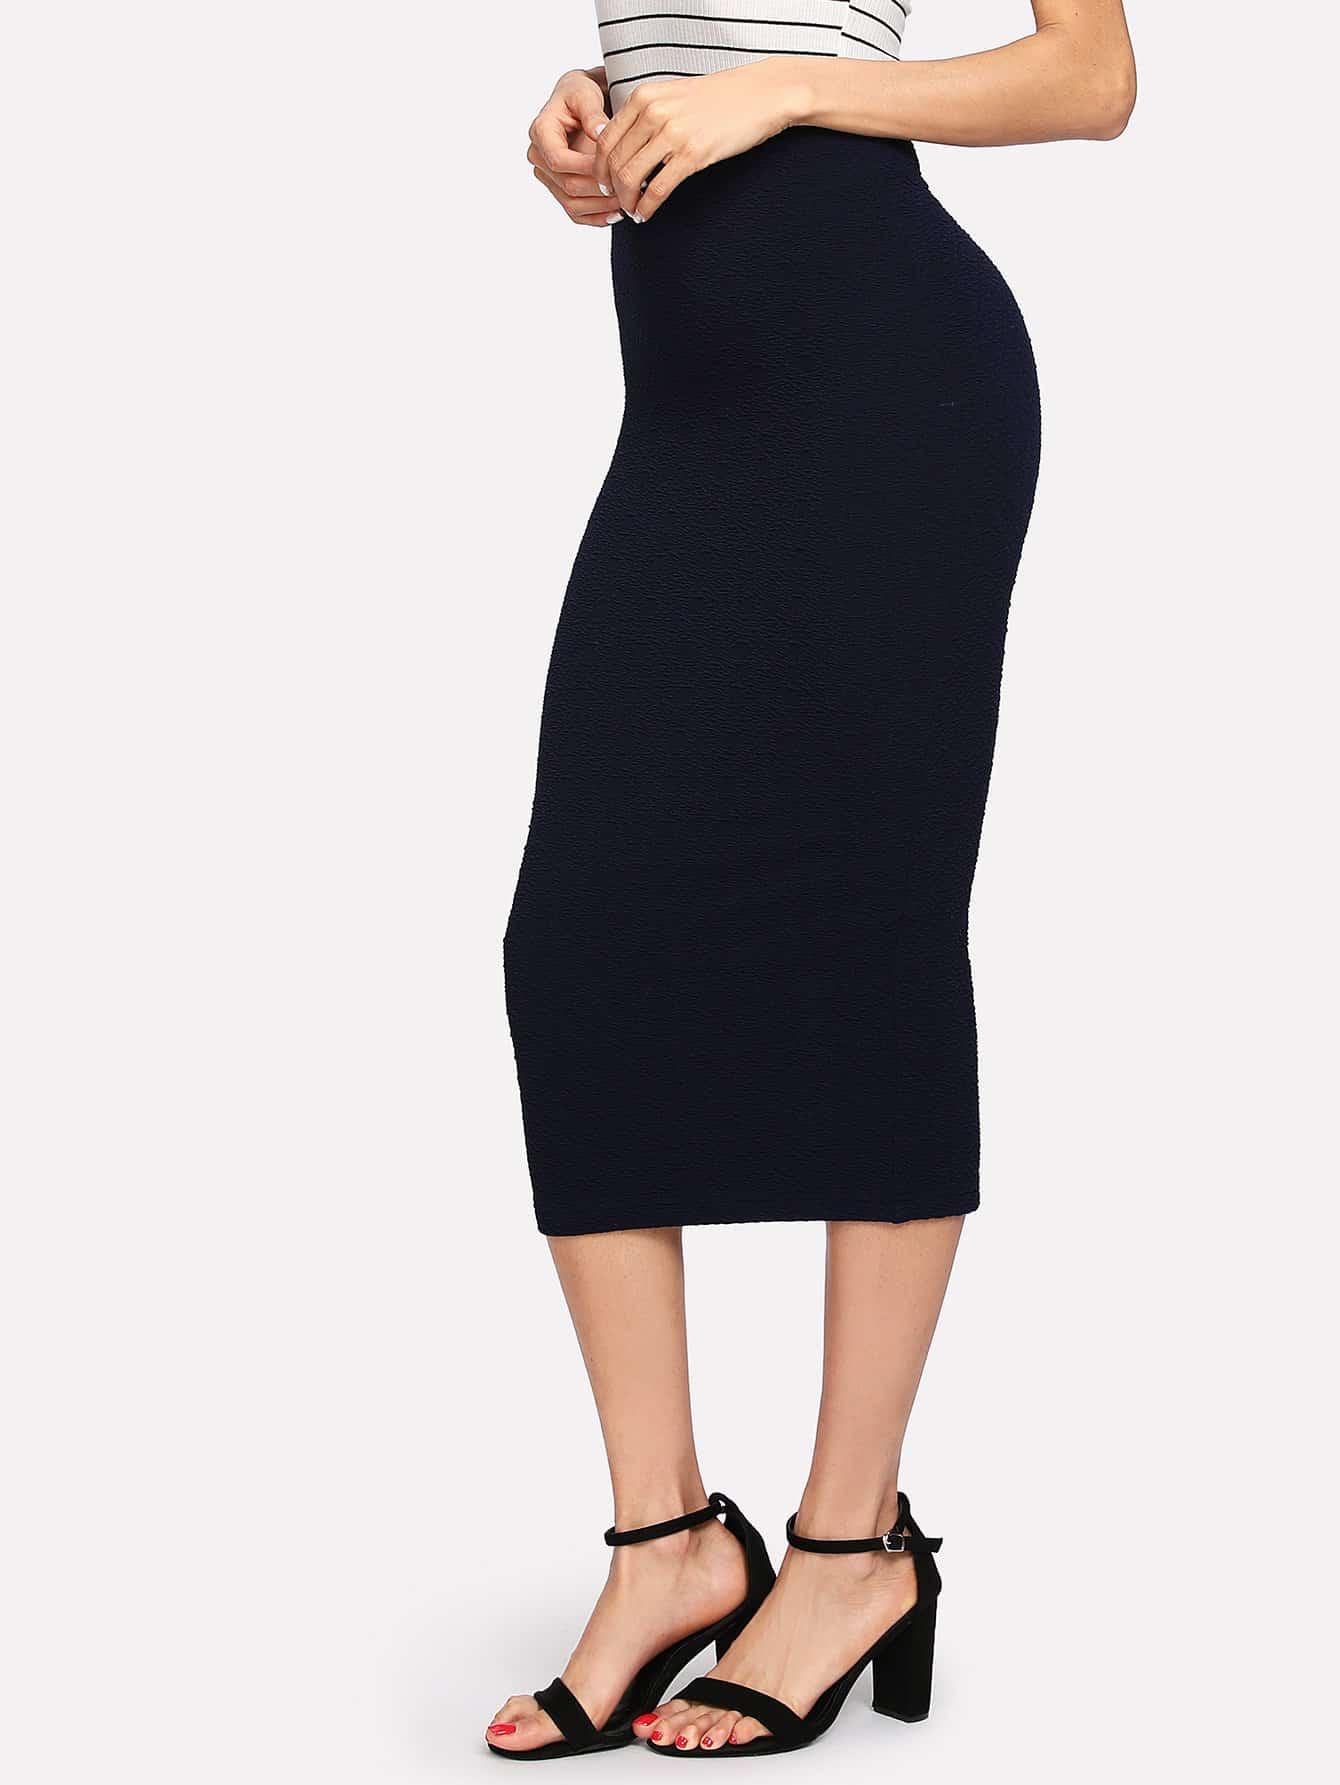 Купить Модная юбка-карандаш с эластичной талией, Andy, SheIn